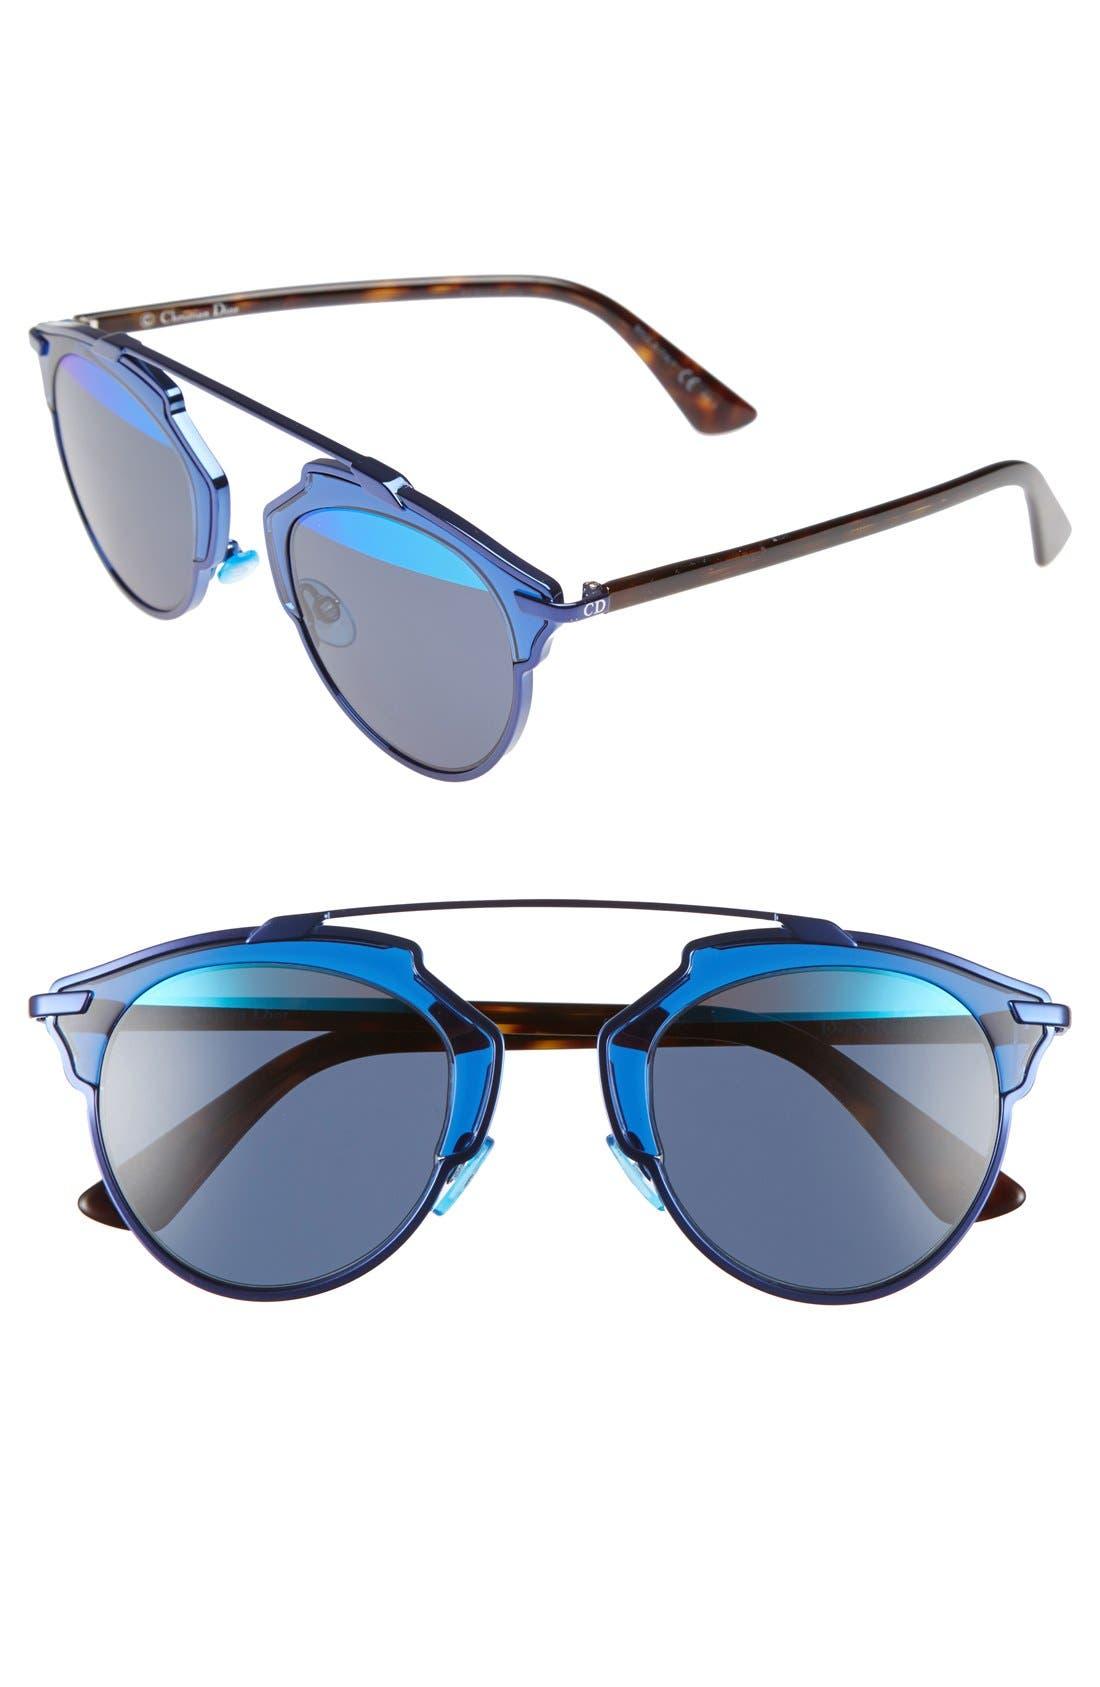 So Real 48mm Brow Bar Sunglasses,                             Main thumbnail 17, color,